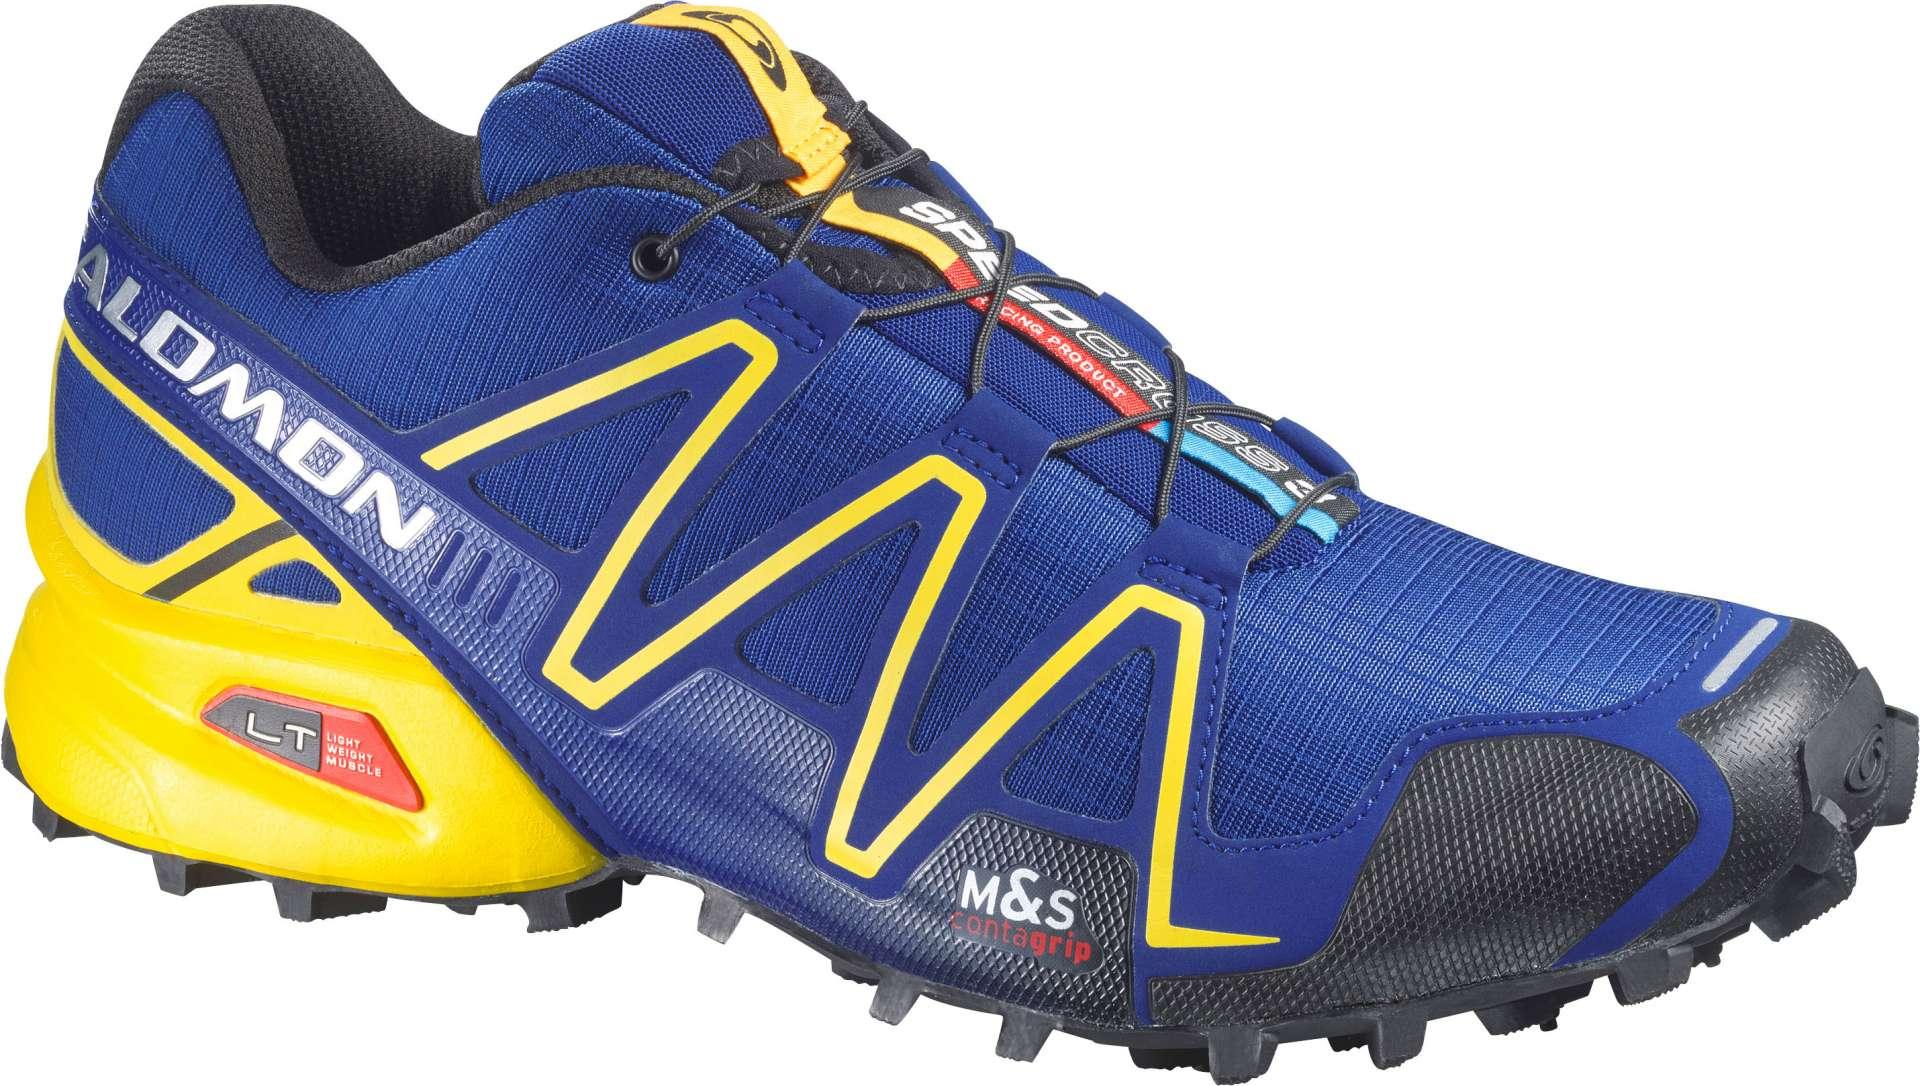 a07c3c0c377 Salomon Speedcross 3 Trail Hardloopschoenen Blauw/Geel/Zwart Heren ...